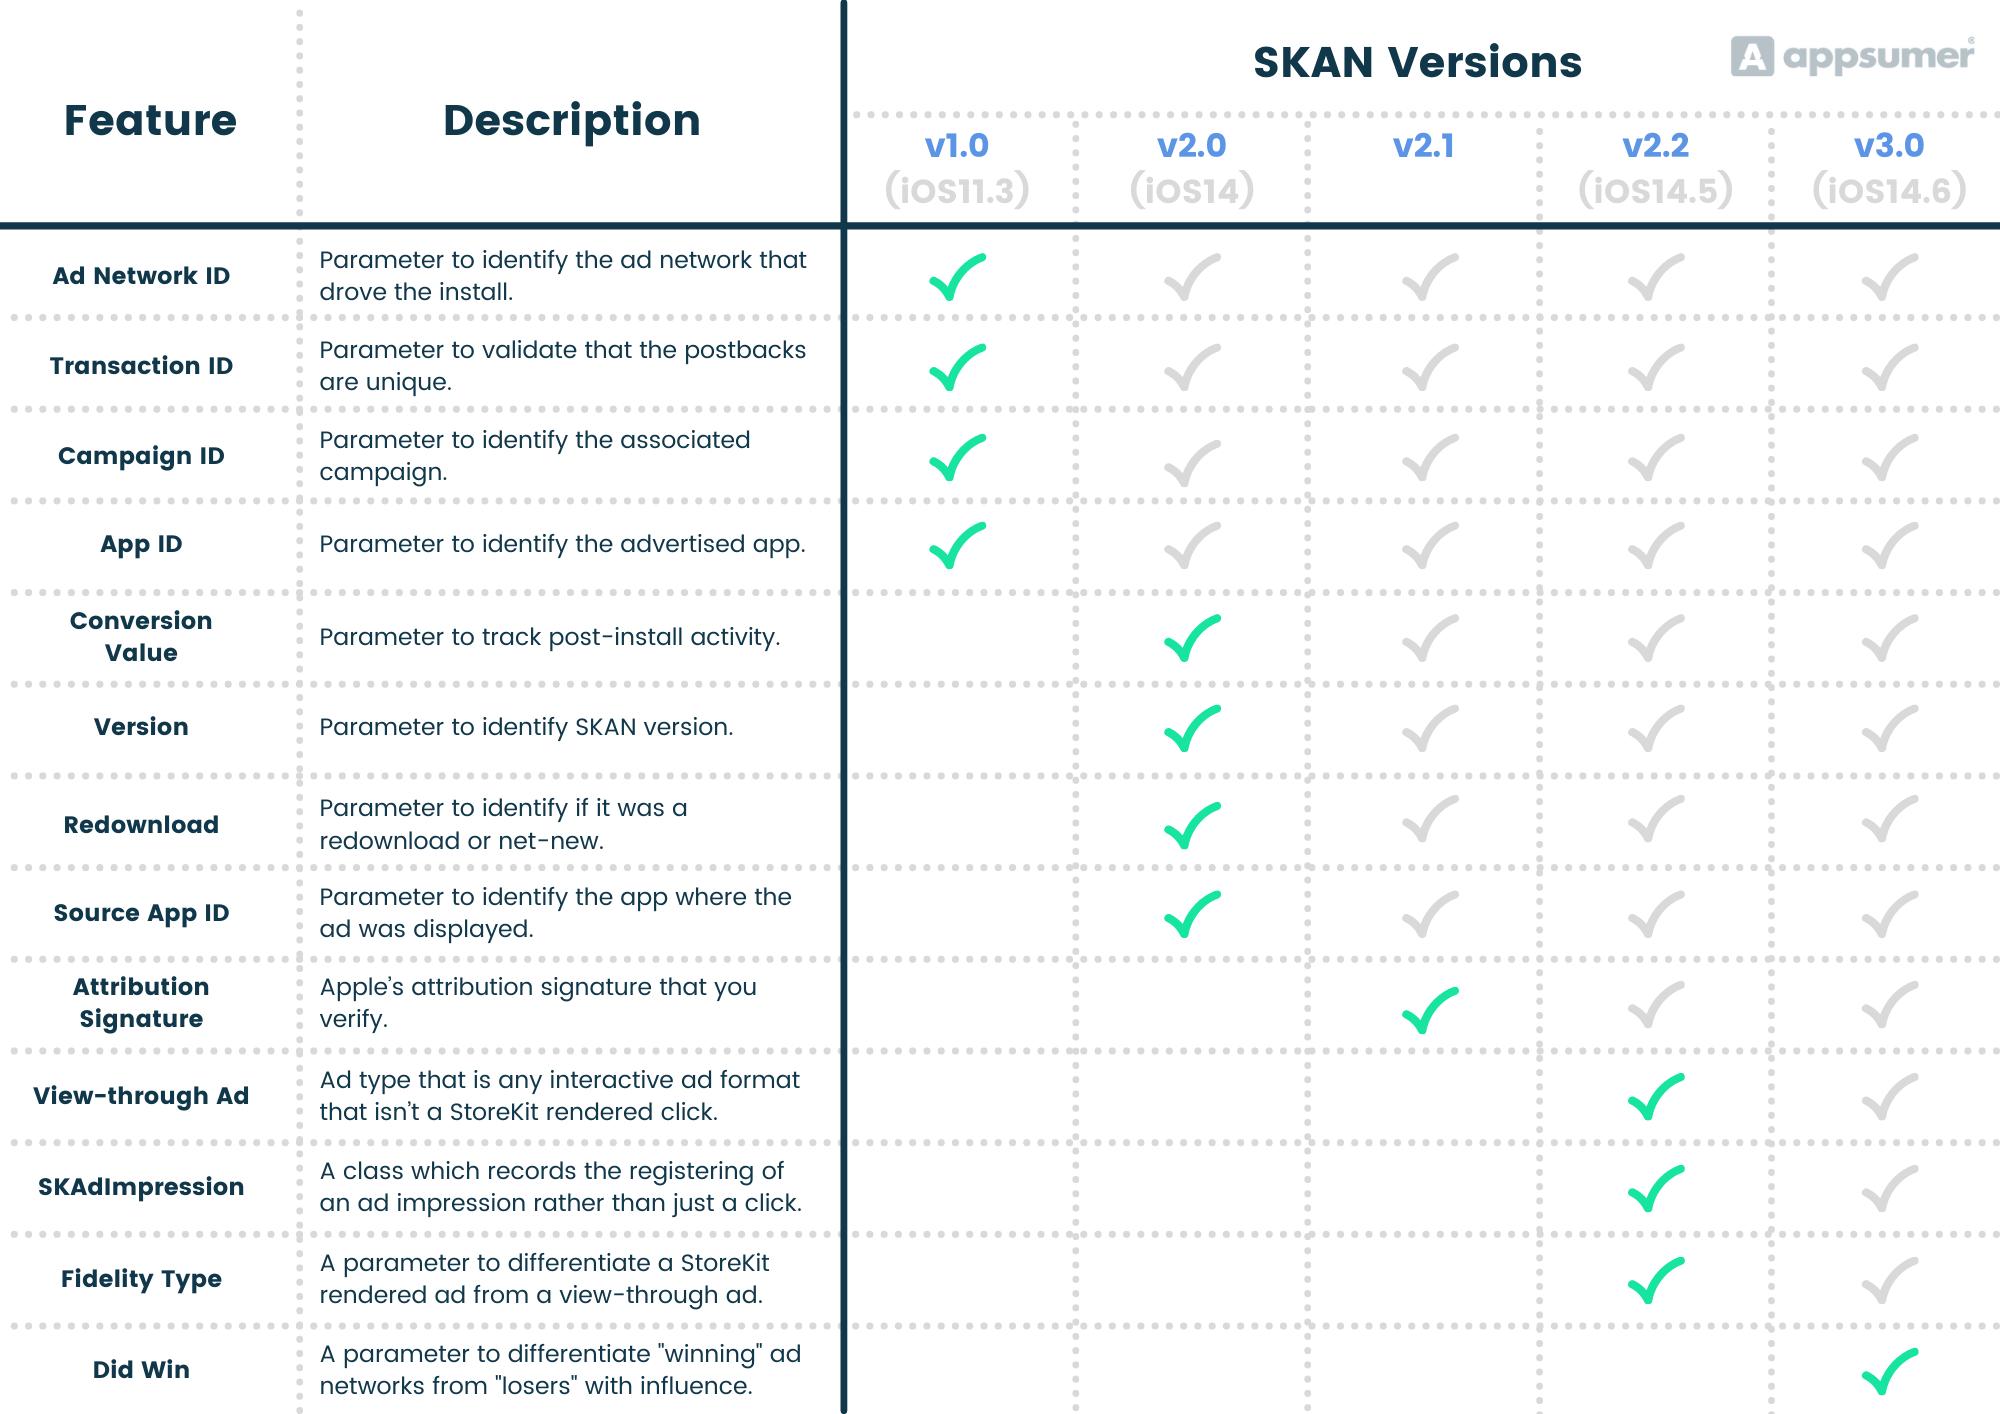 SKAdNetwork (SKAN) version history